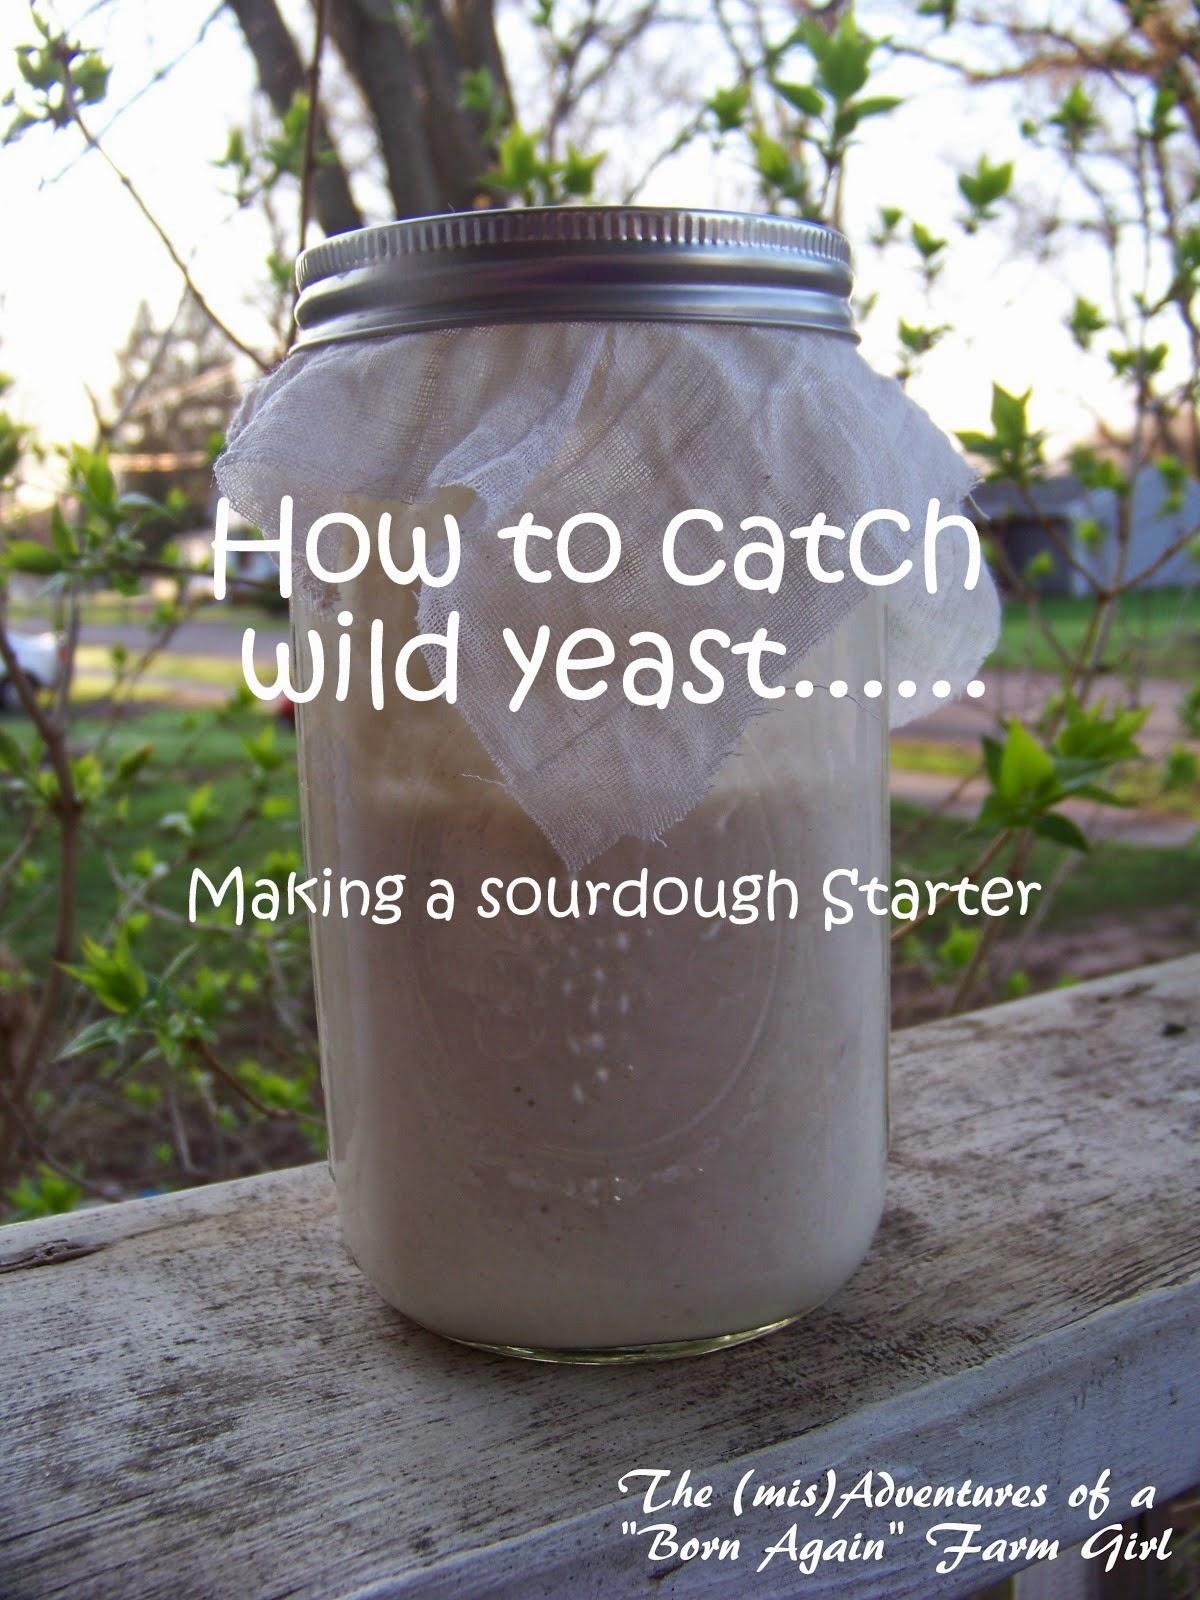 Catching Wild Yeast